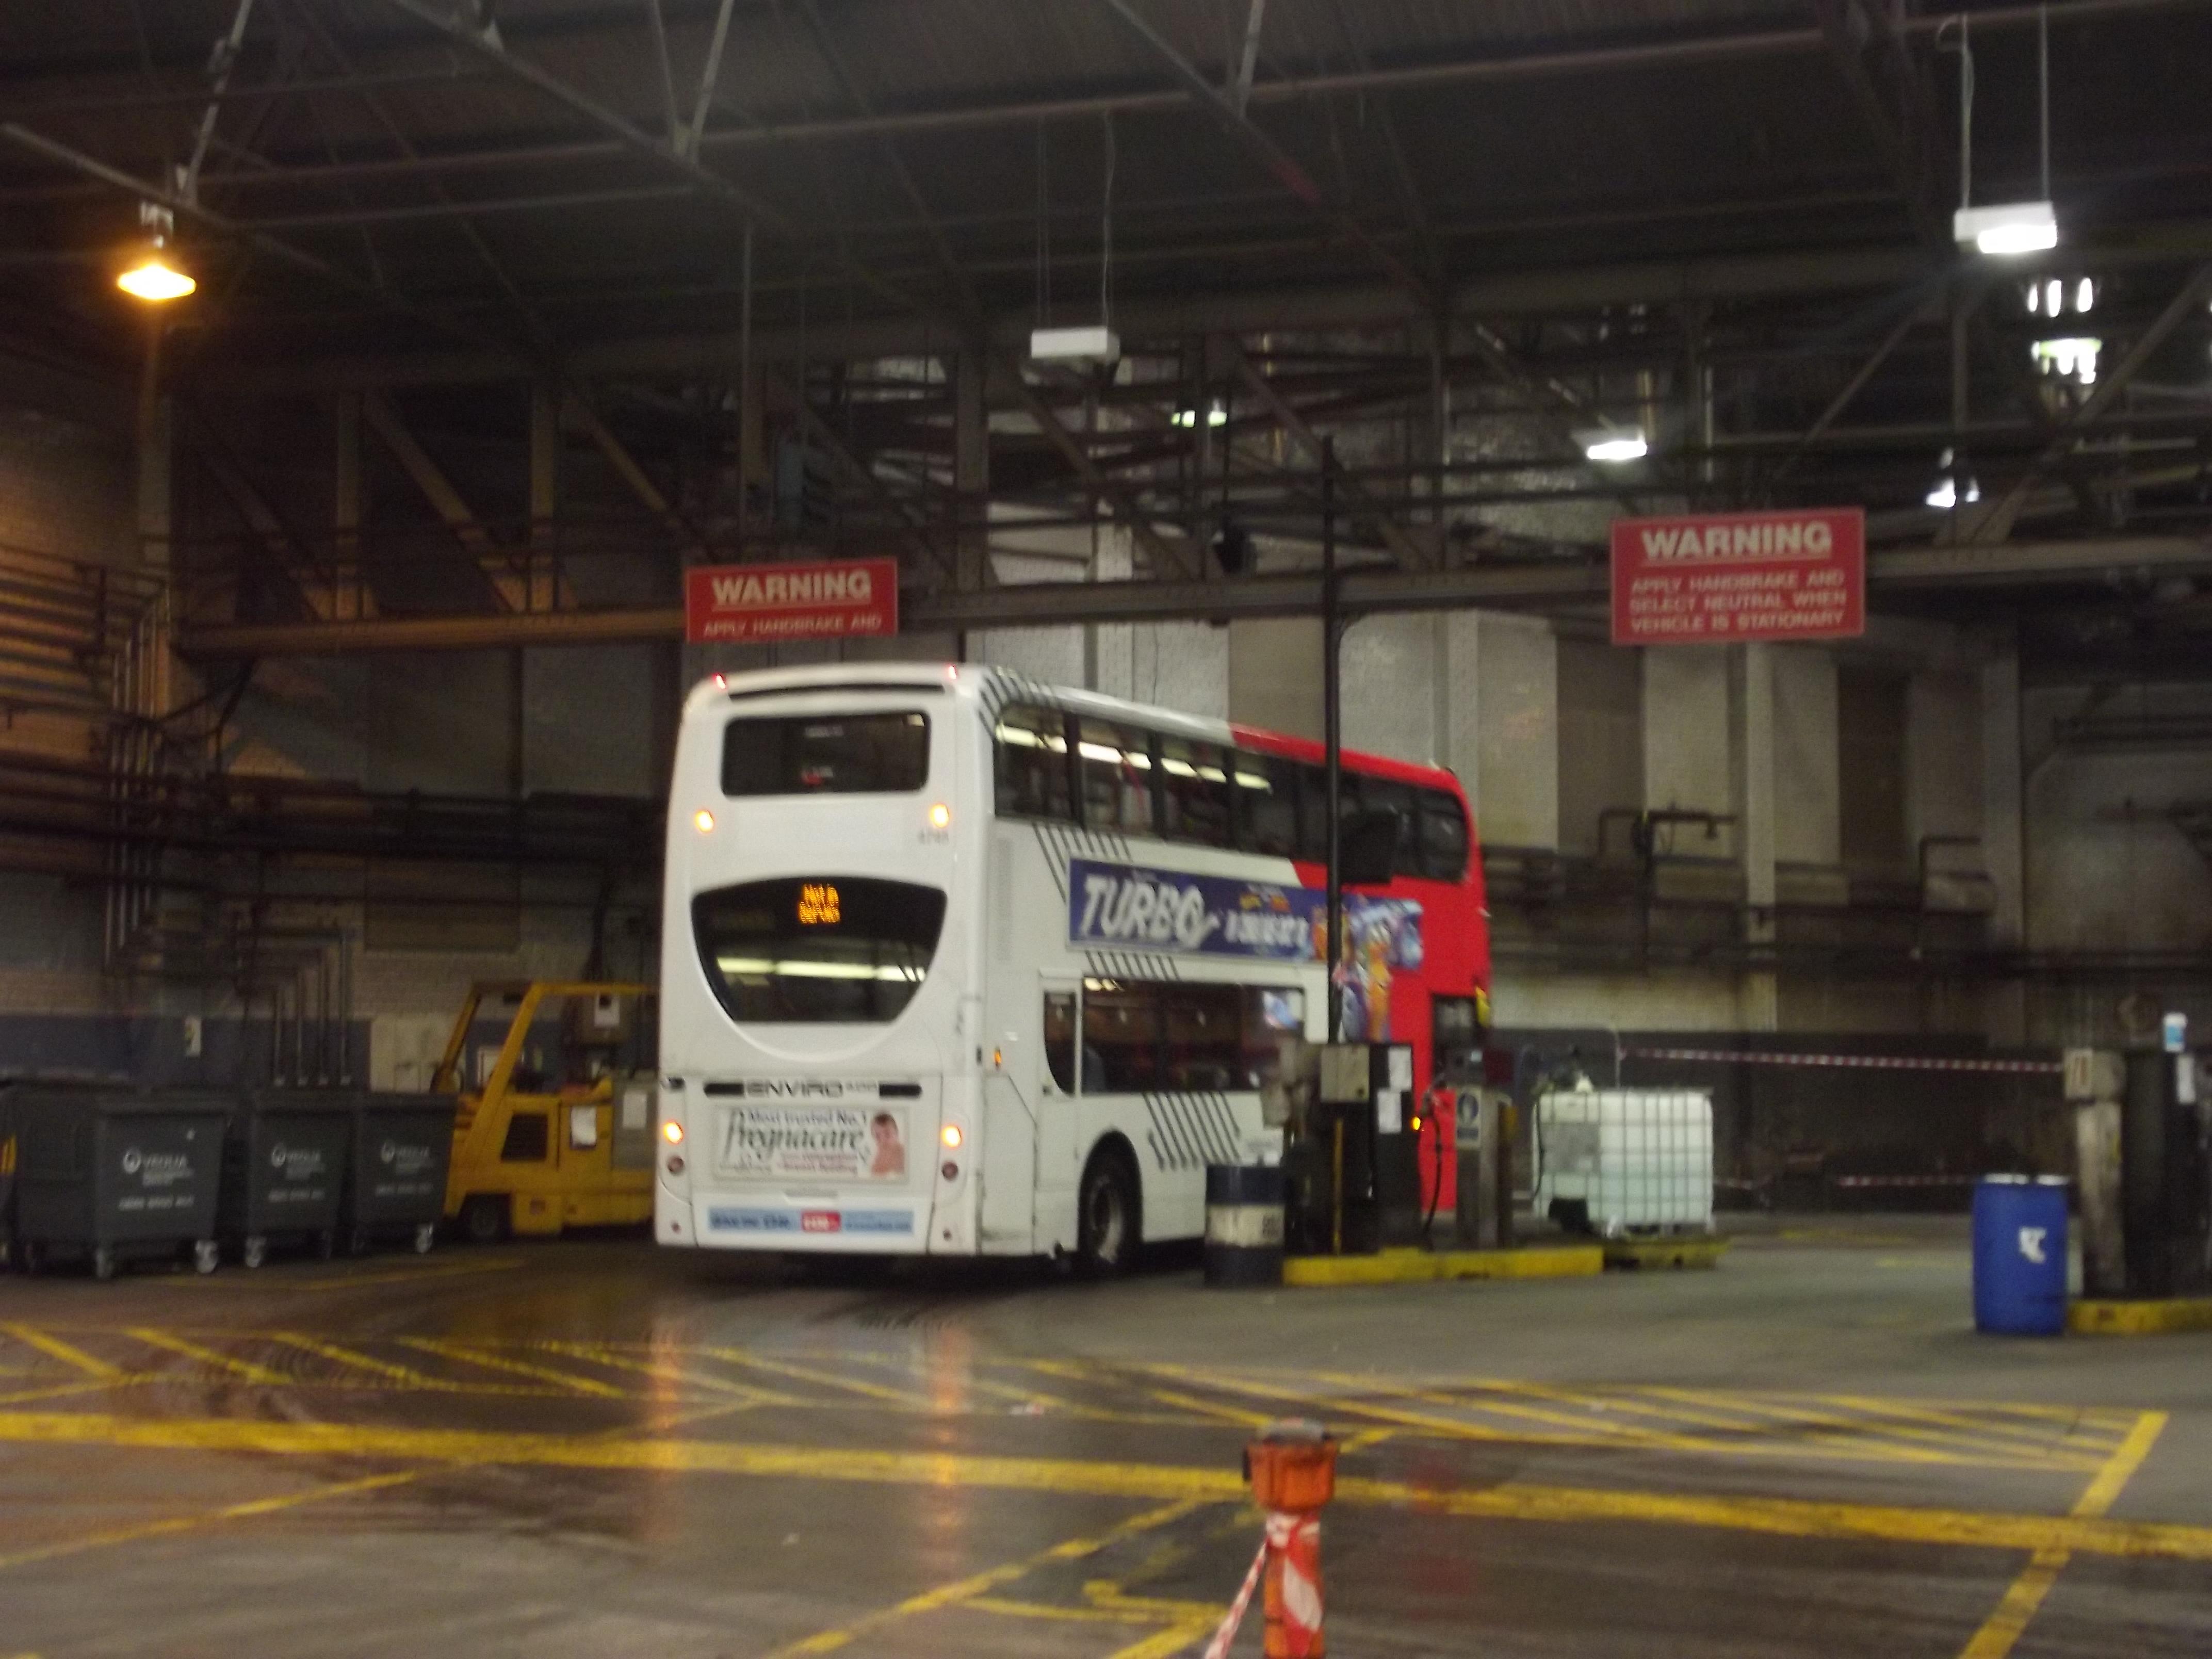 Fileyardley Wood Bus Garage Open Day Buses Behind The Scenes